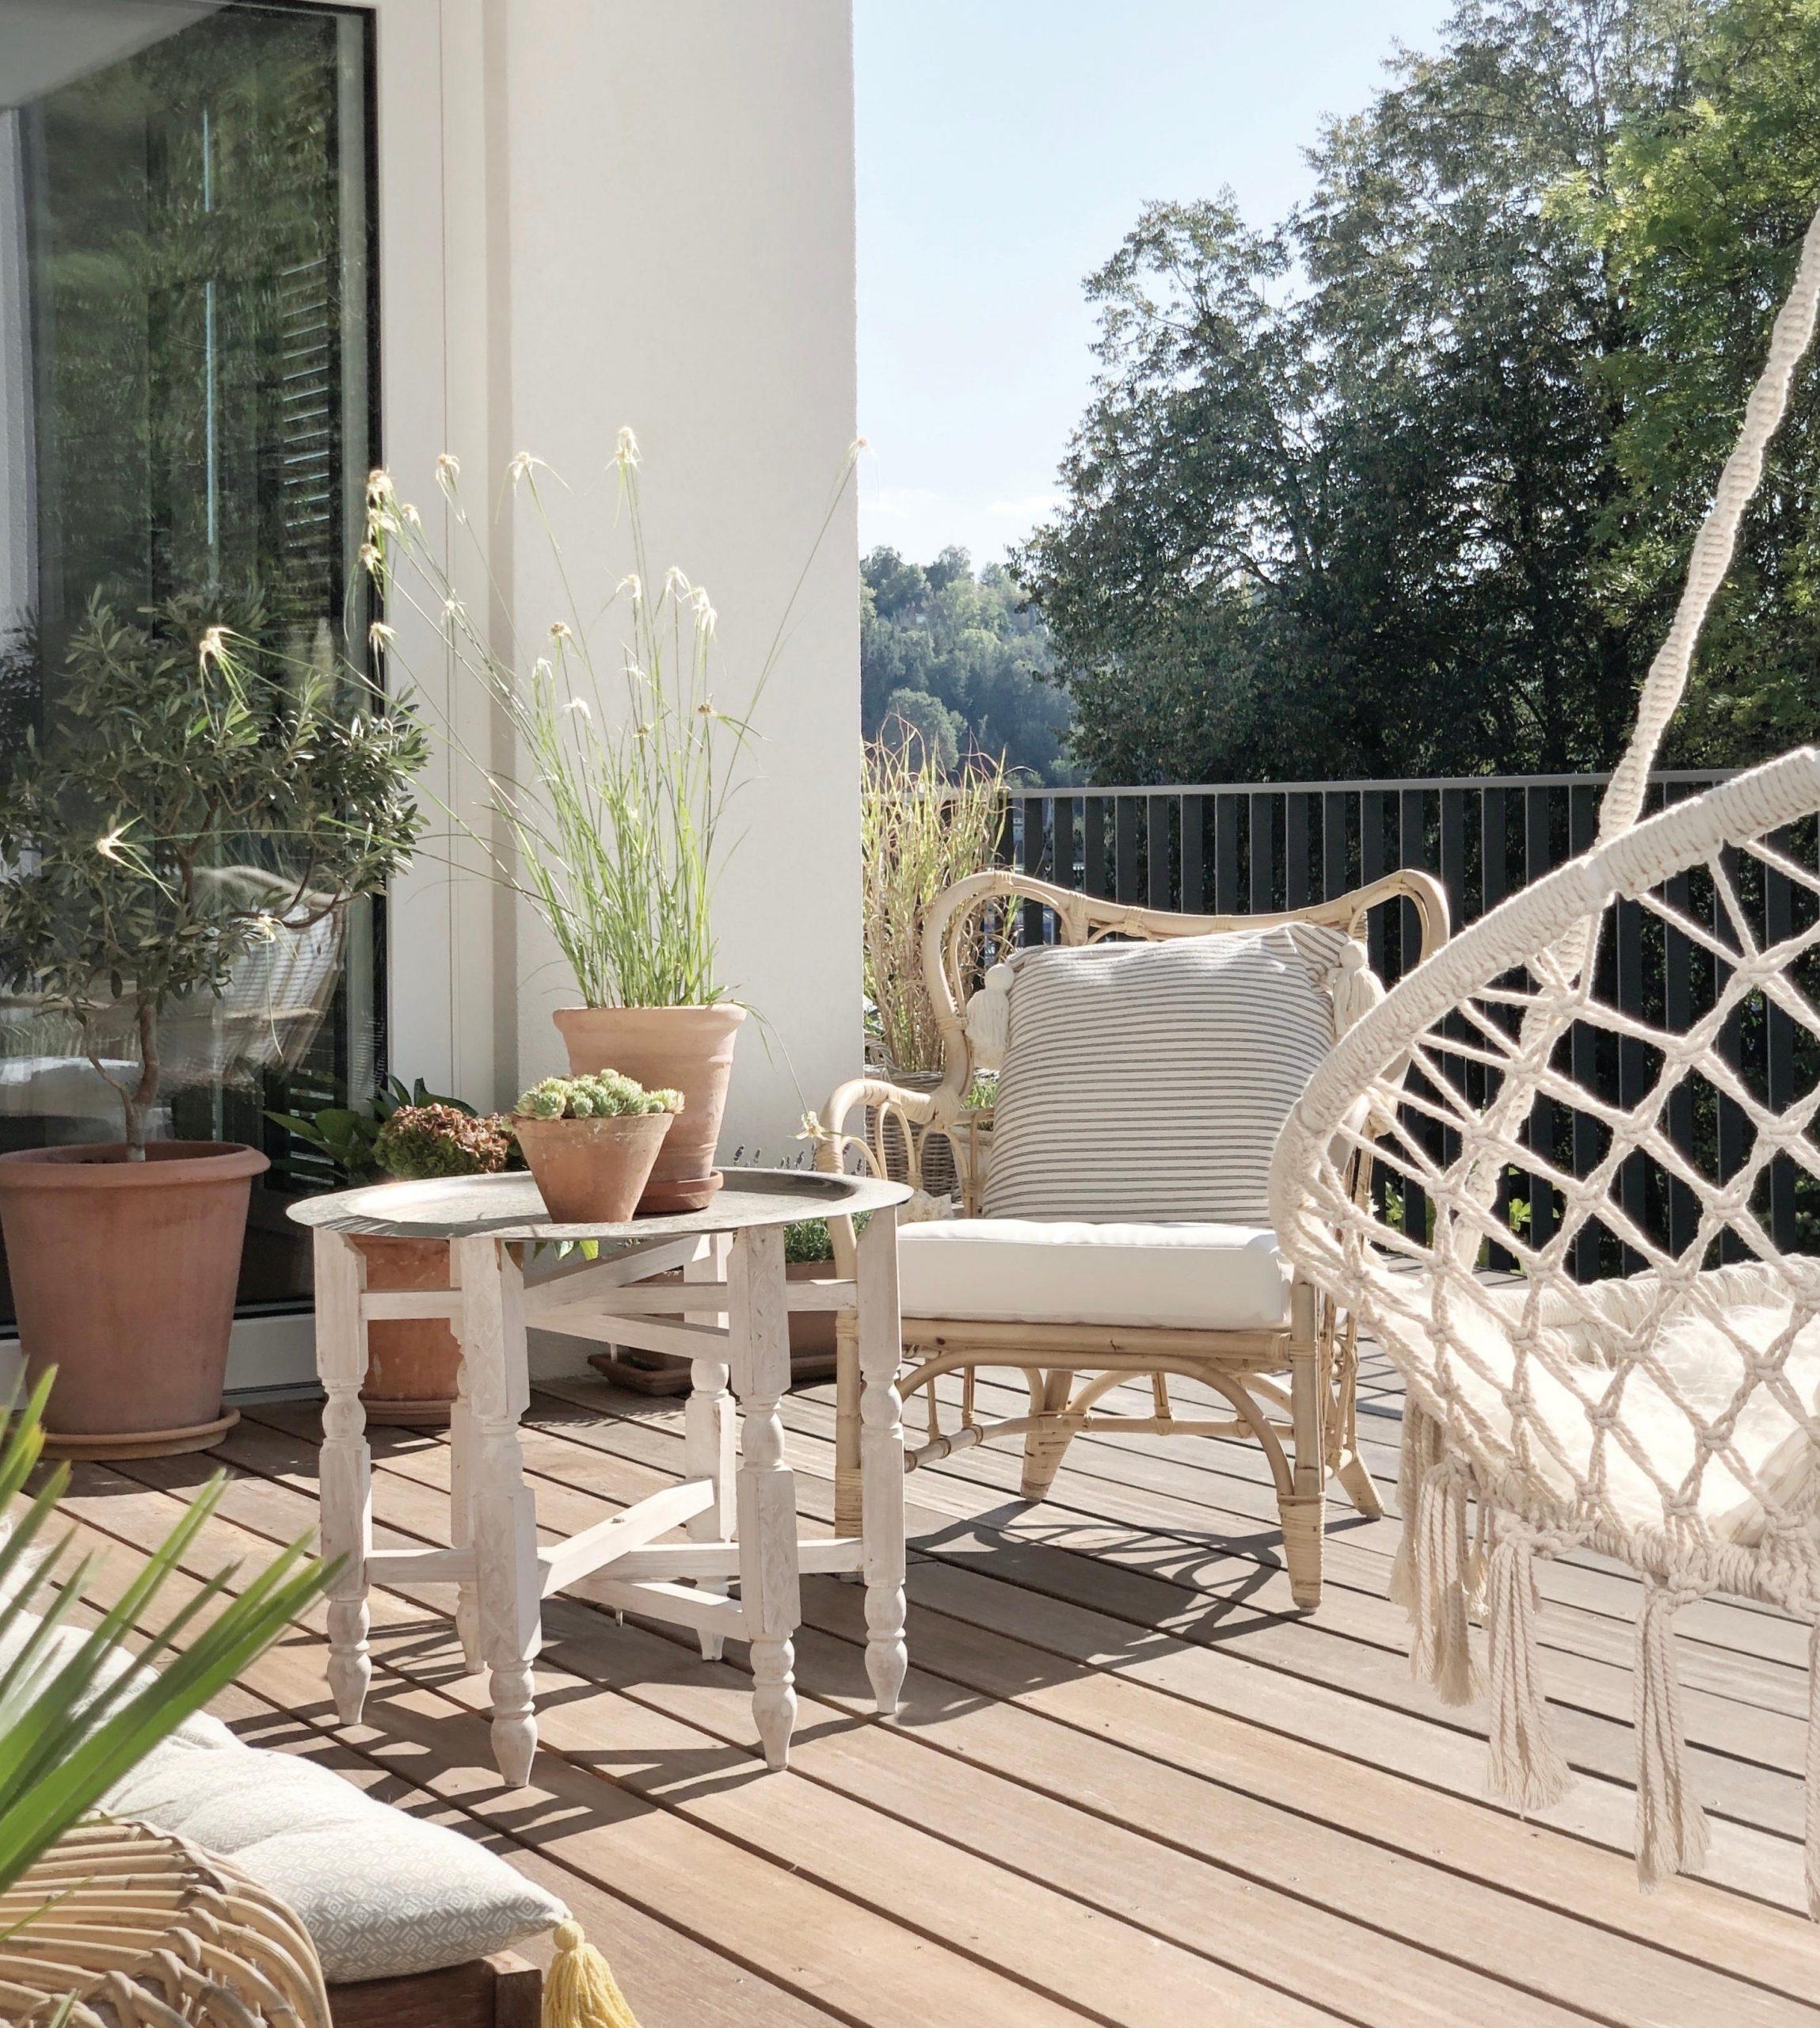 Full Size of Liegestuhl Ikea Holzterrasse Bilder Ideen Couch Küche Kosten Betten 160x200 Bei Kaufen Sofa Mit Schlaffunktion Garten Modulküche Miniküche Wohnzimmer Liegestuhl Ikea